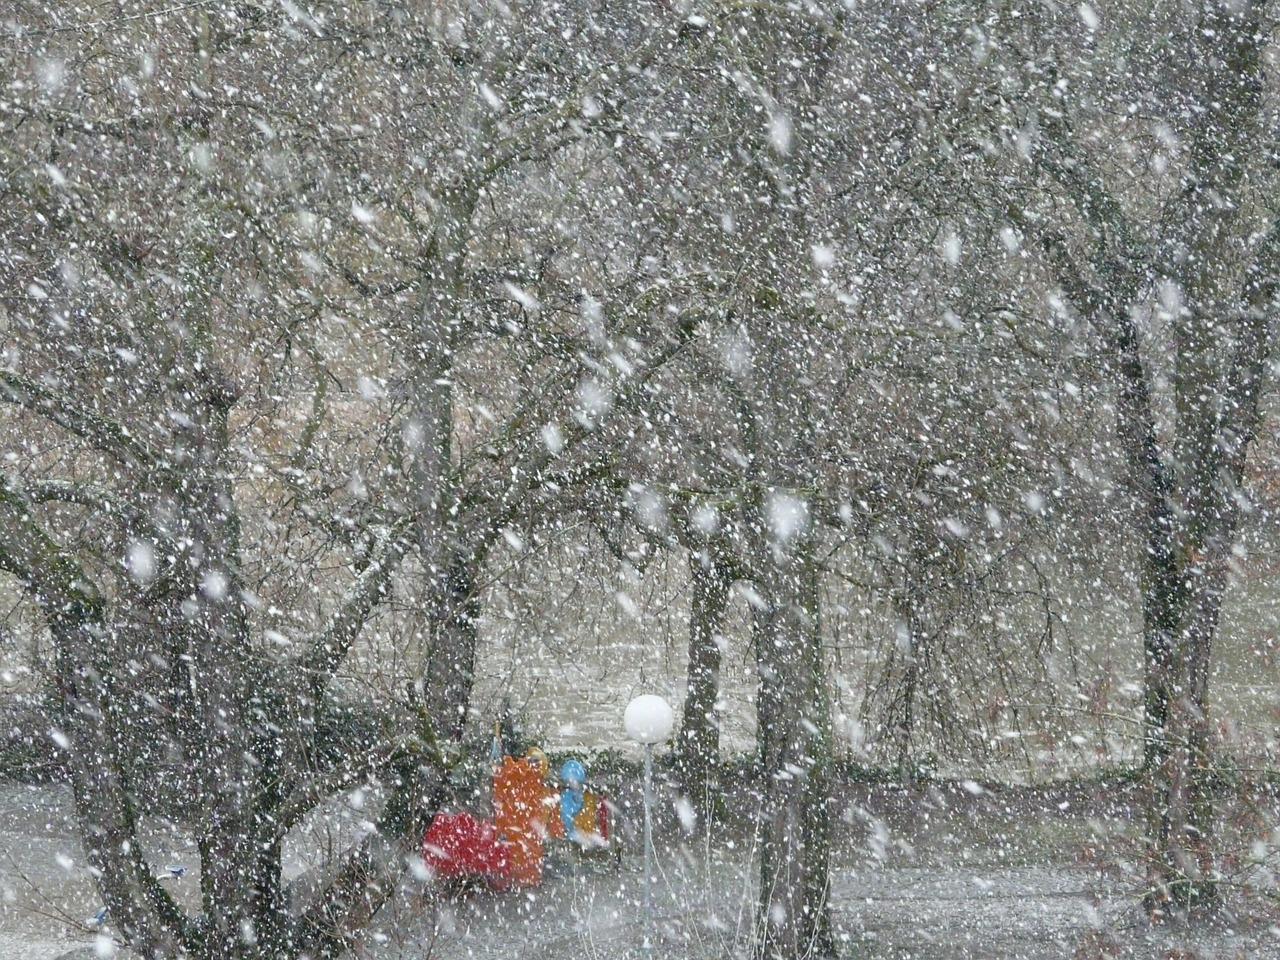 今日は朝、雪が降っていた。初雪かな。